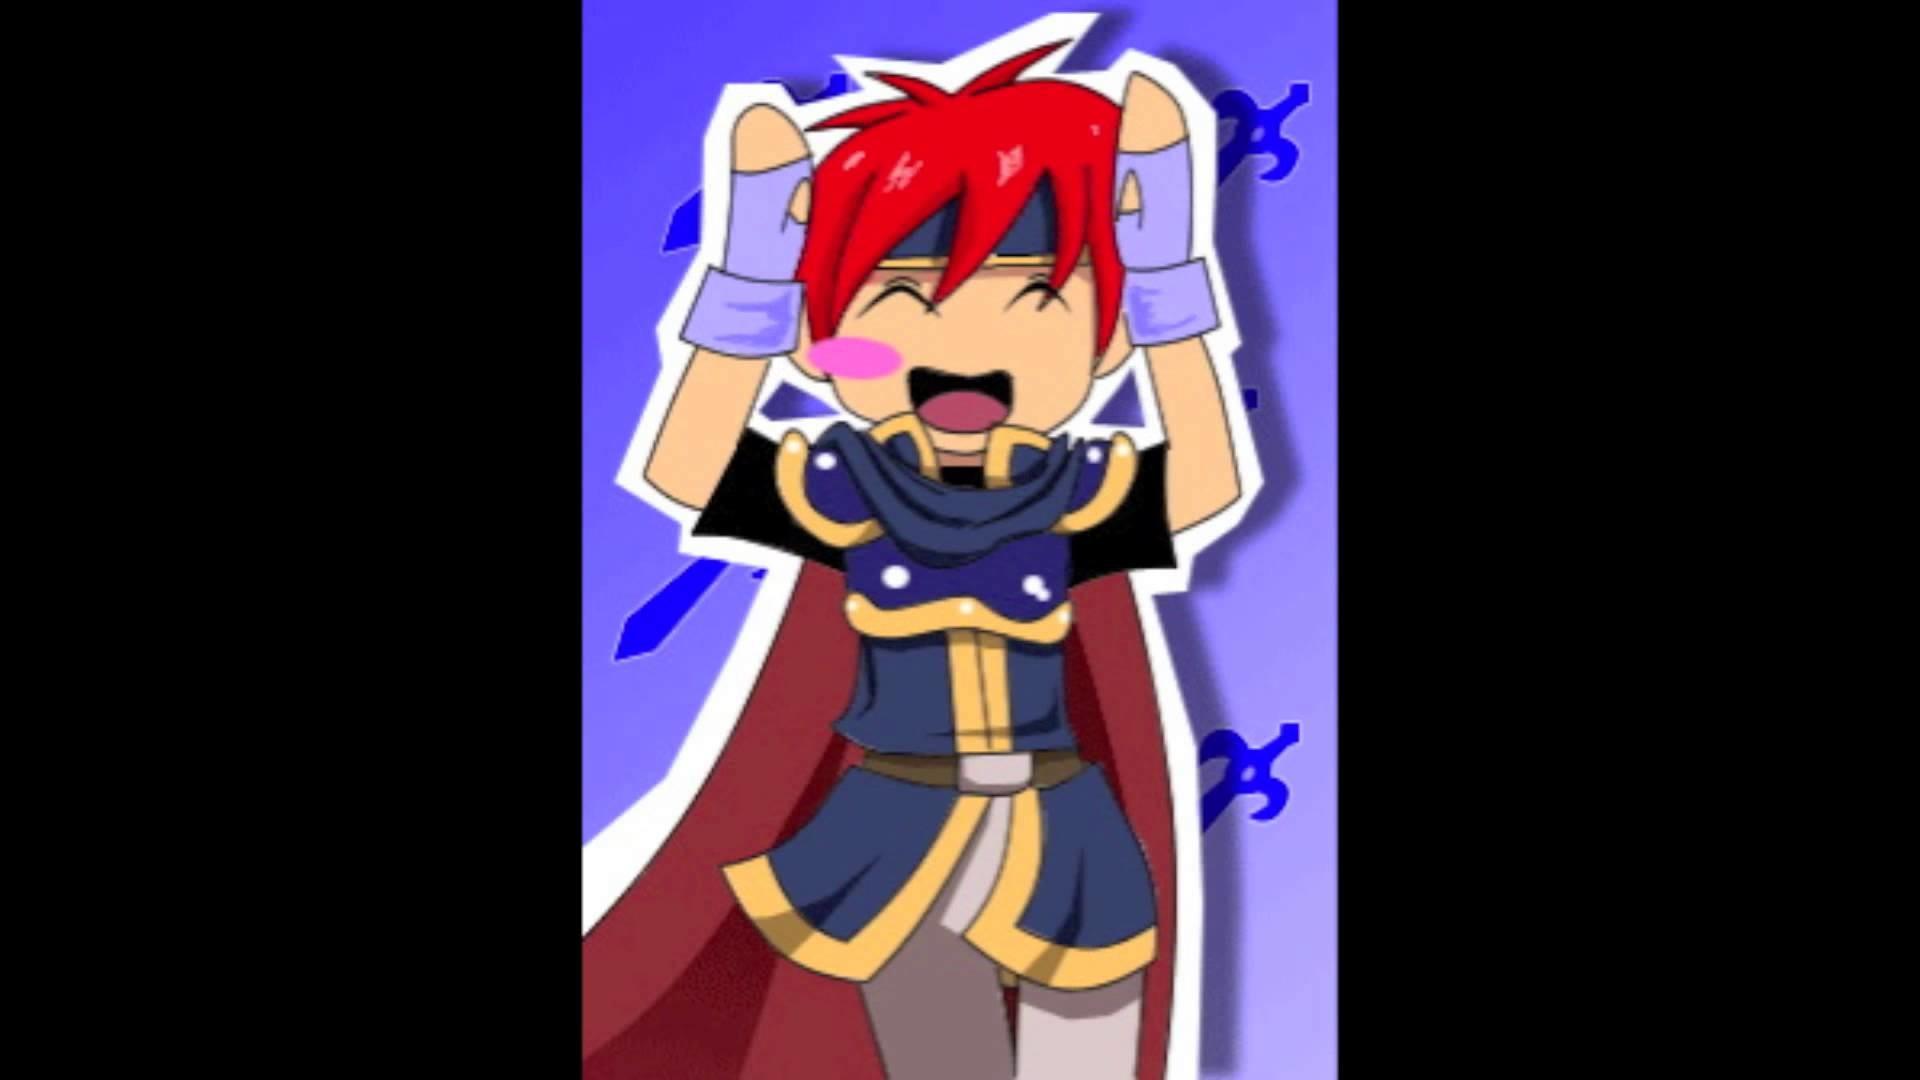 Fire Emblem Roy – Caramelldansen